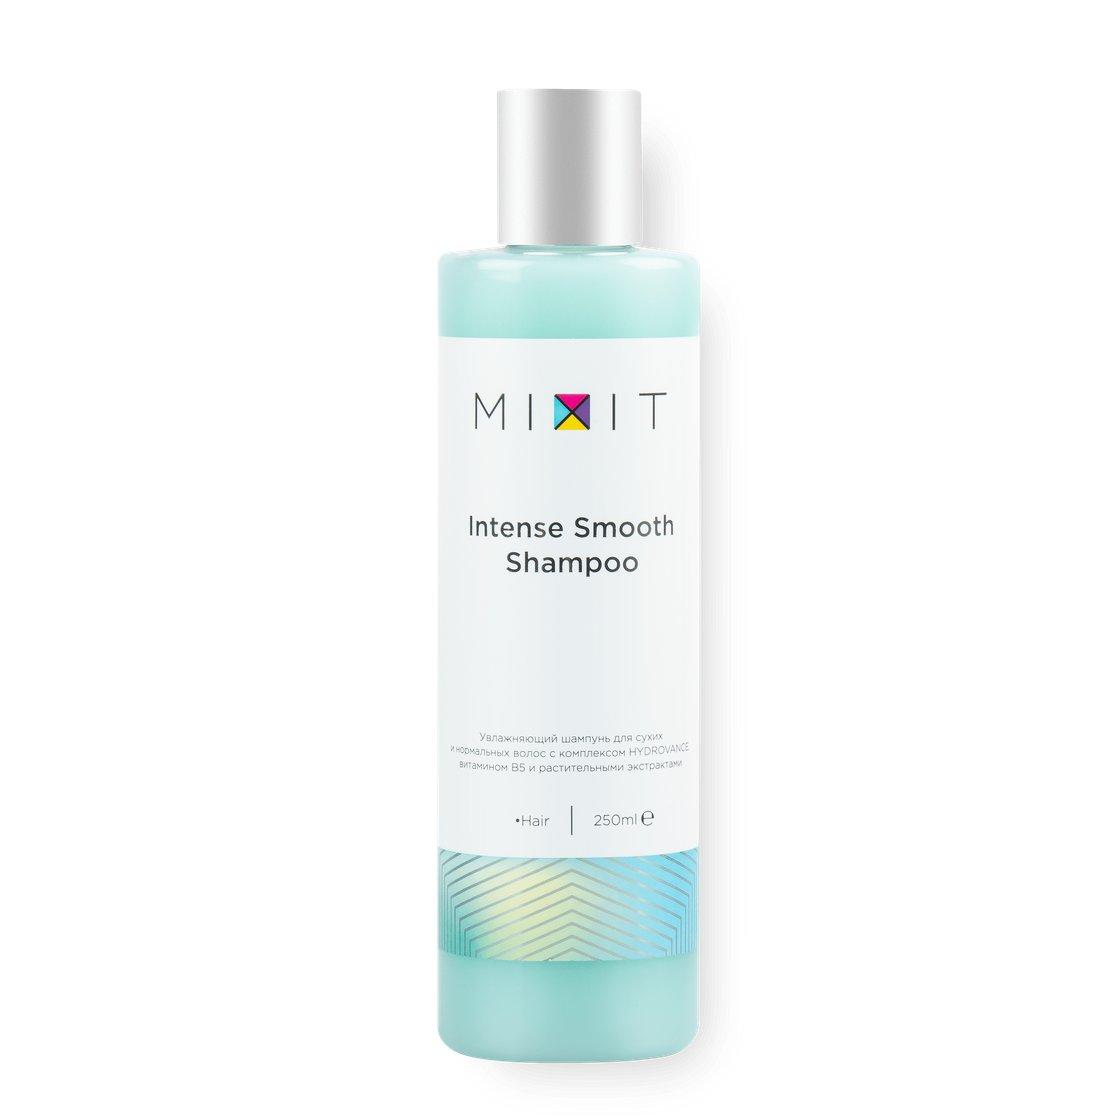 Увлажняющий шампунь для сухих и нормальных волос фото